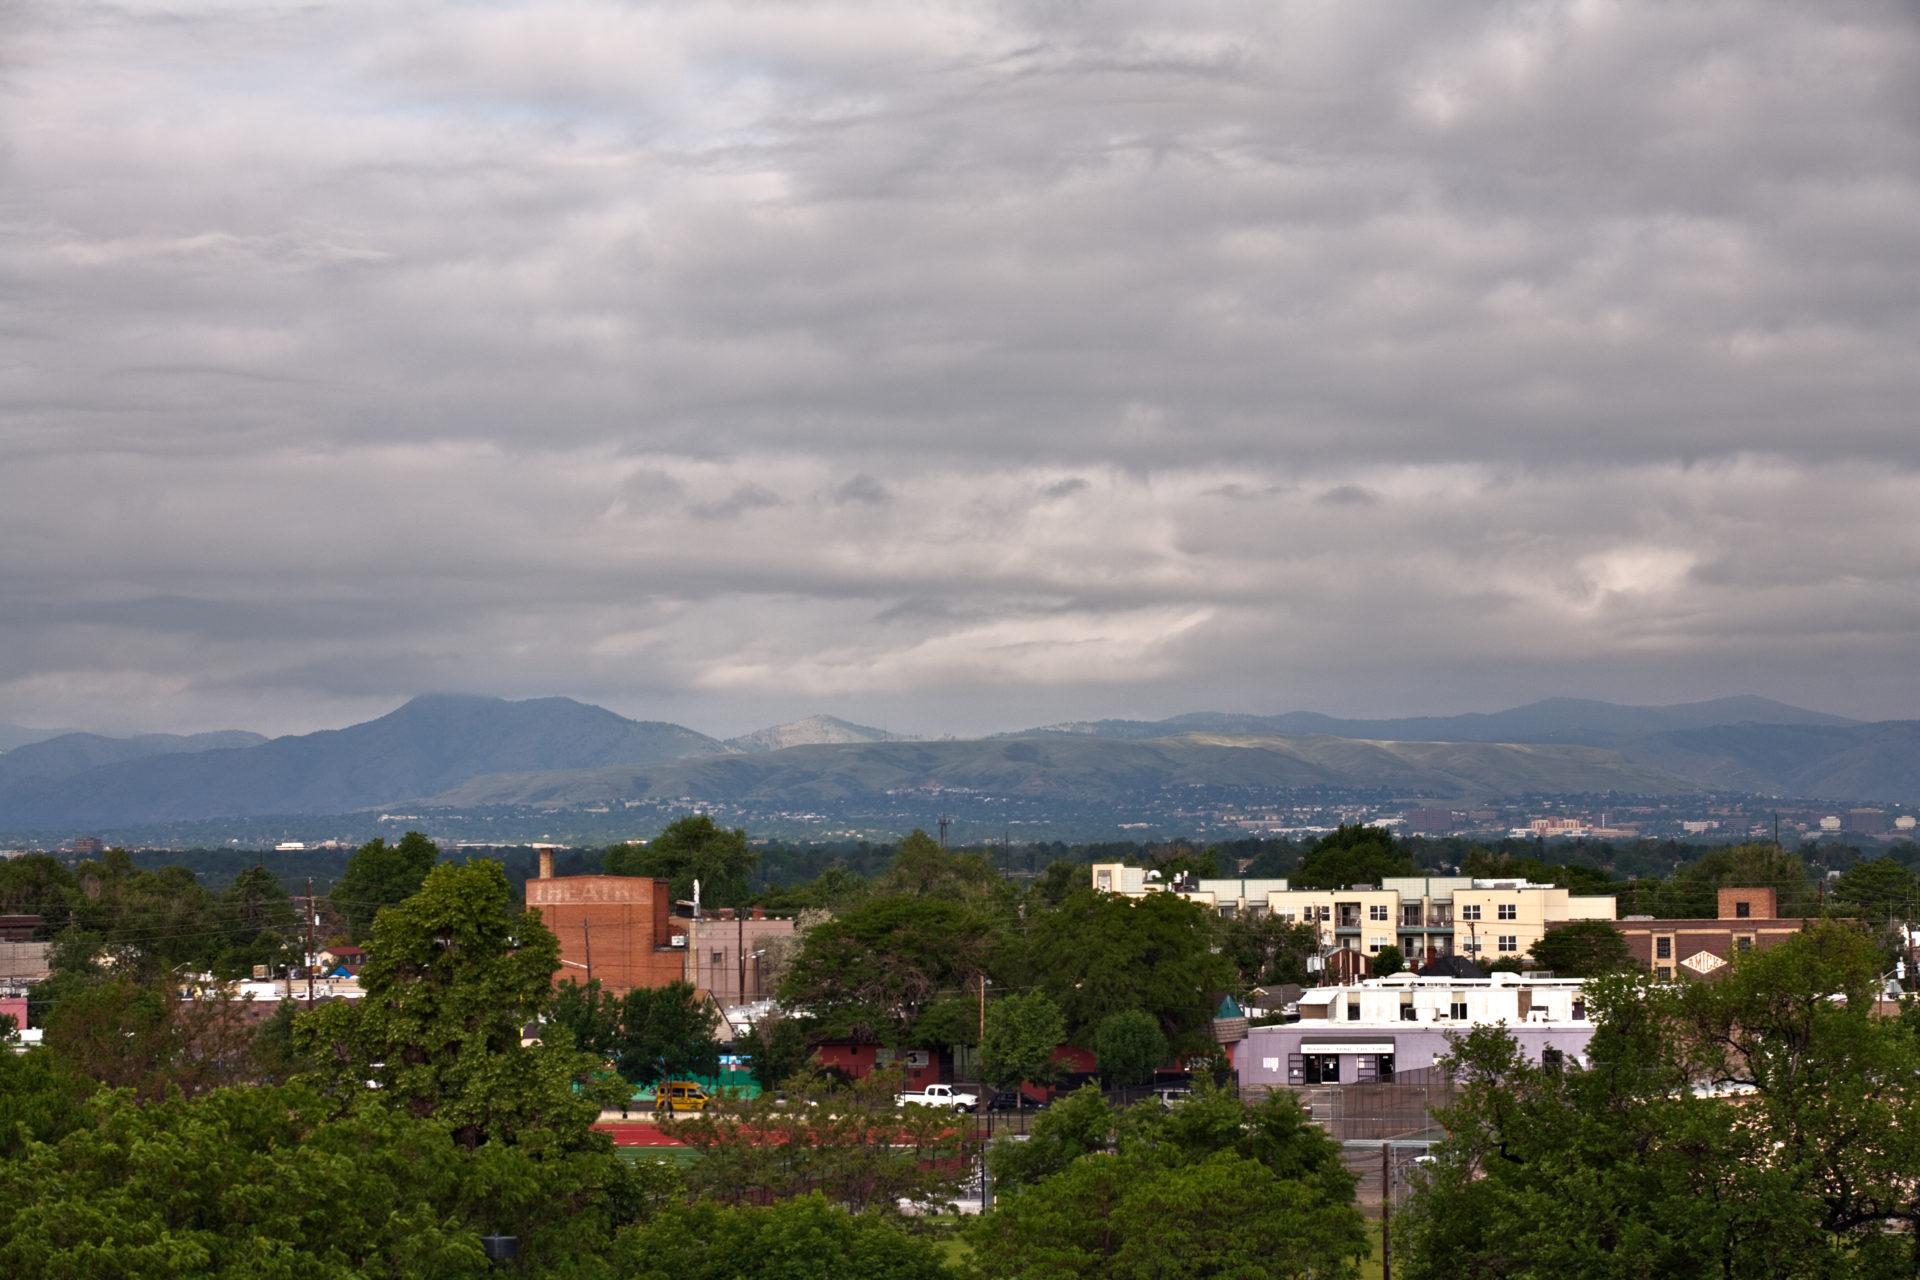 Mount Evans obscured - June 10, 2011